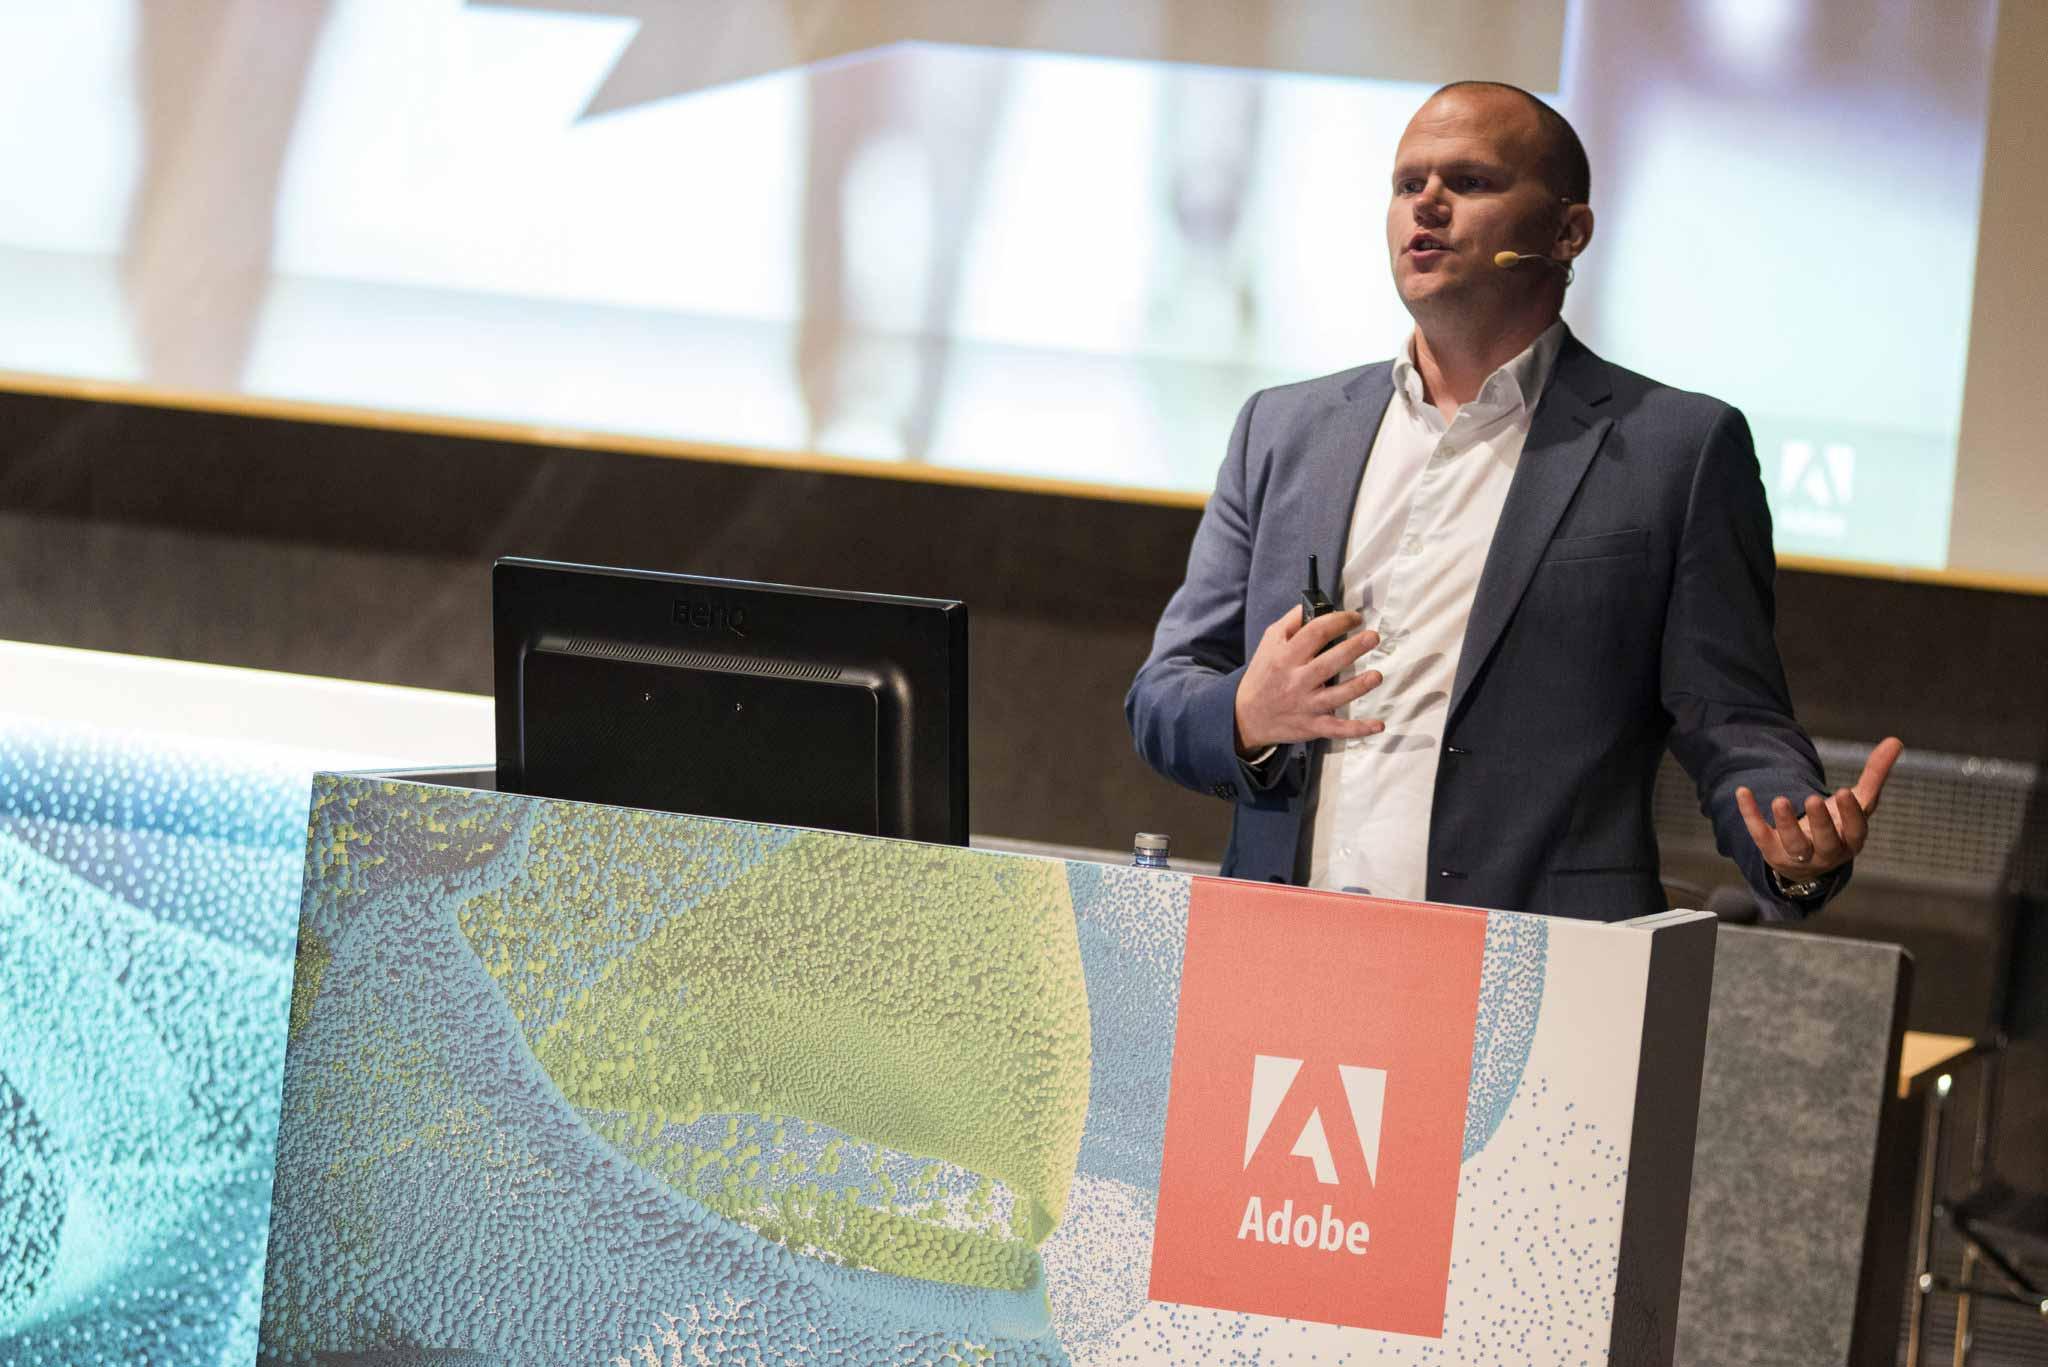 Fotografo per Conferenze a Roma – Adobe Customer Experience Forum #8